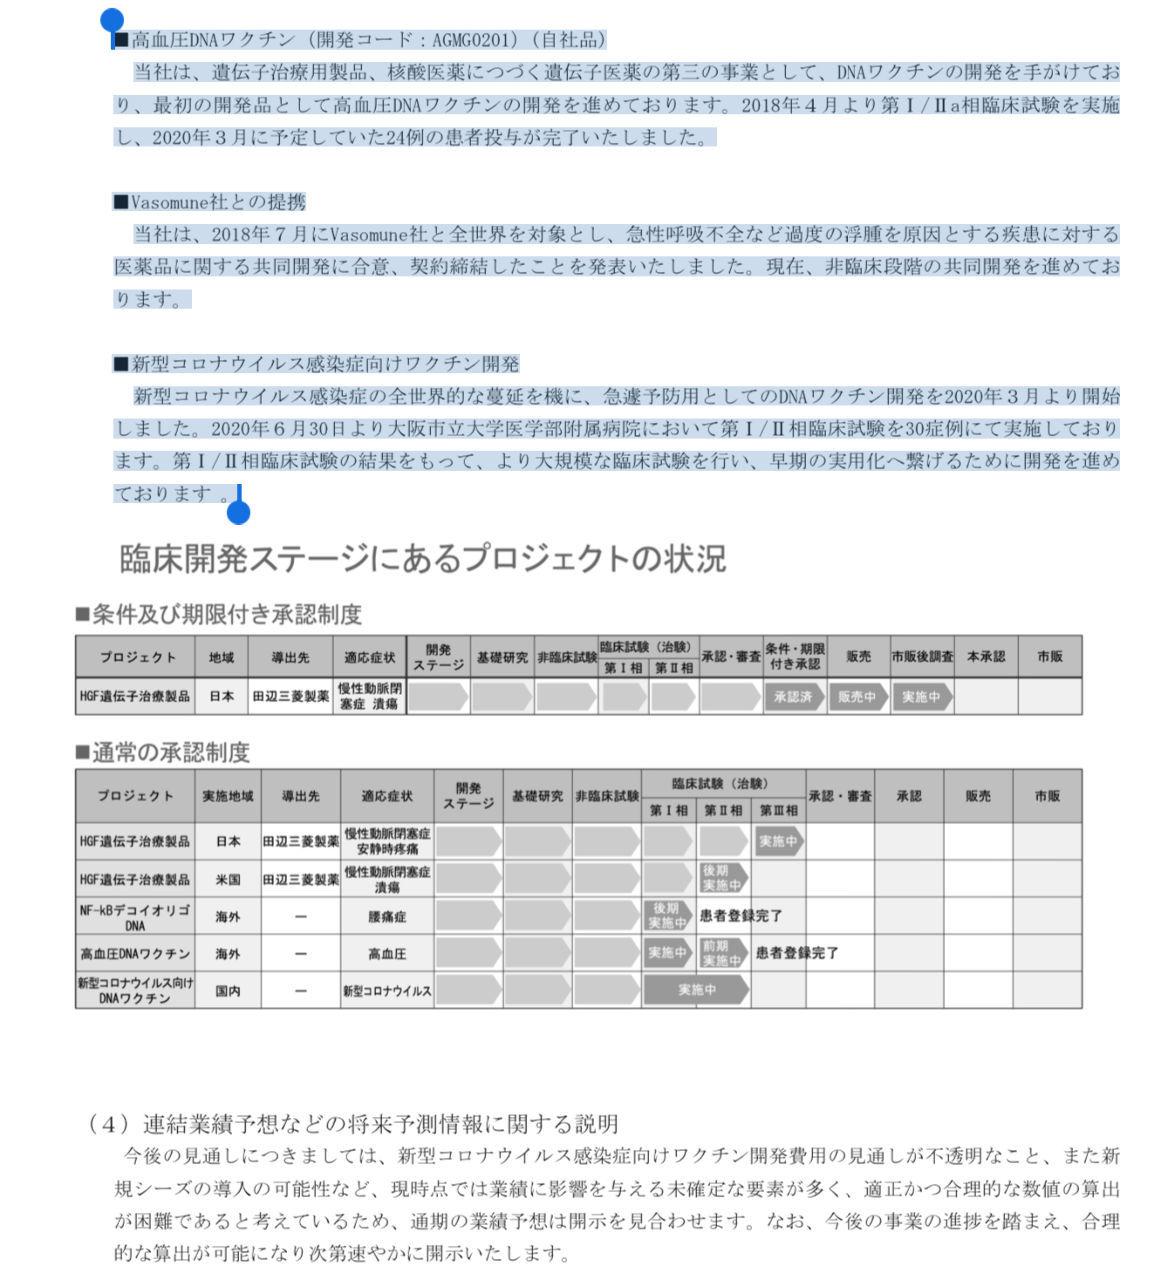 テイラーラボ アンジェス  ■高血圧DNAワクチン(開発コード:AGMG0201)(自社品) 当社は、遺伝子治療用